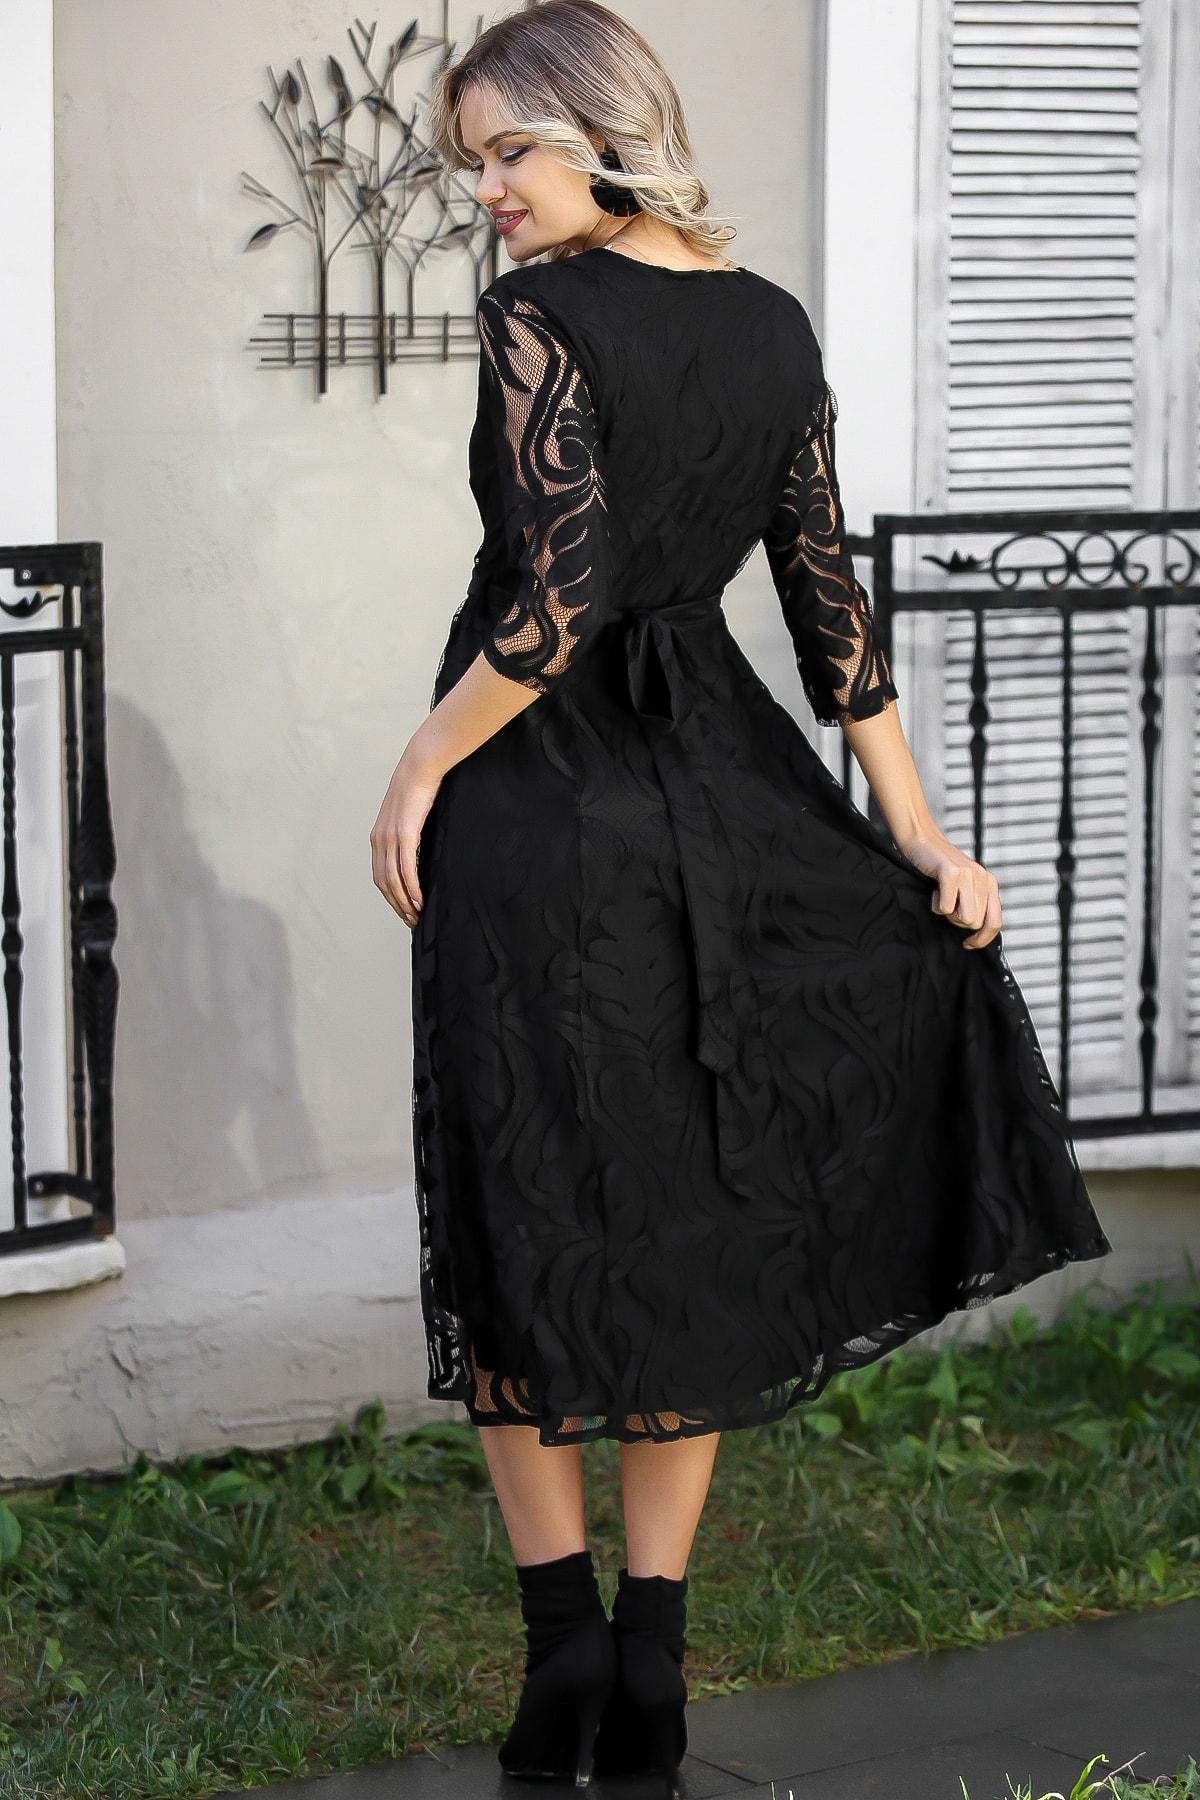 Chiccy Kadın Siyah Dantel Yaprak Desenli Kruvaze Astarlı Elbise M10160000EL96030 4